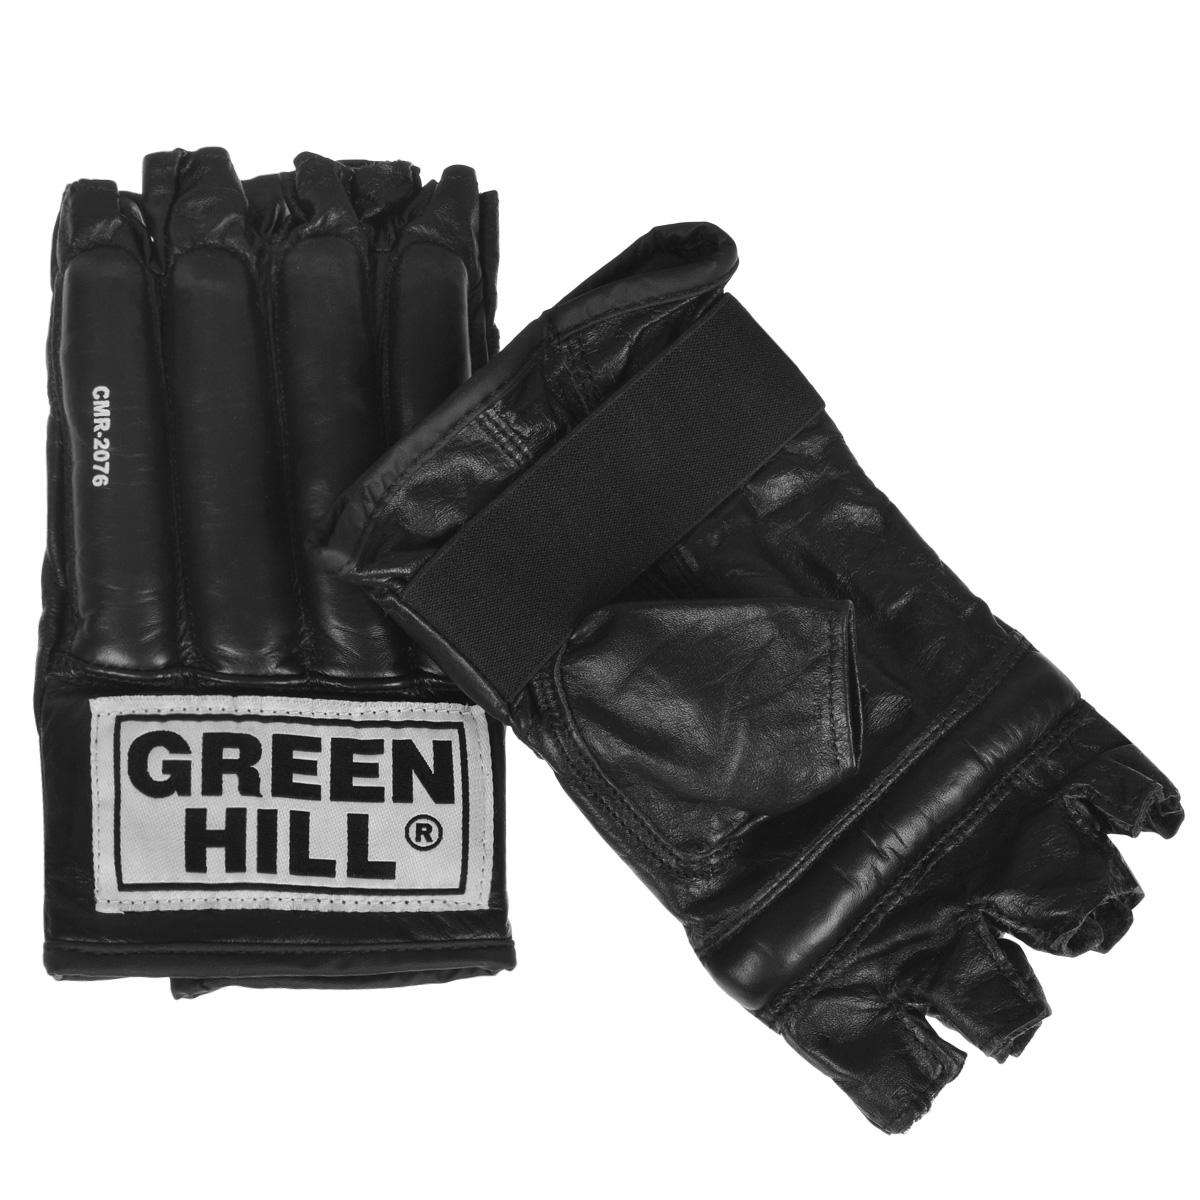 Шингарты для единоборств Green Hill Royal, цвет: черный. Размер LCMR-2076Шингарты Green Hill Royal предназначены для новичков и любителей, для тренировок в домашних условиях, а так же могут использоваться для боевого самбо или боев без правил. Выполнены из высококачественной натуральной кожи. Застежка в виде резинки надежно фиксирует шингарты на руке.